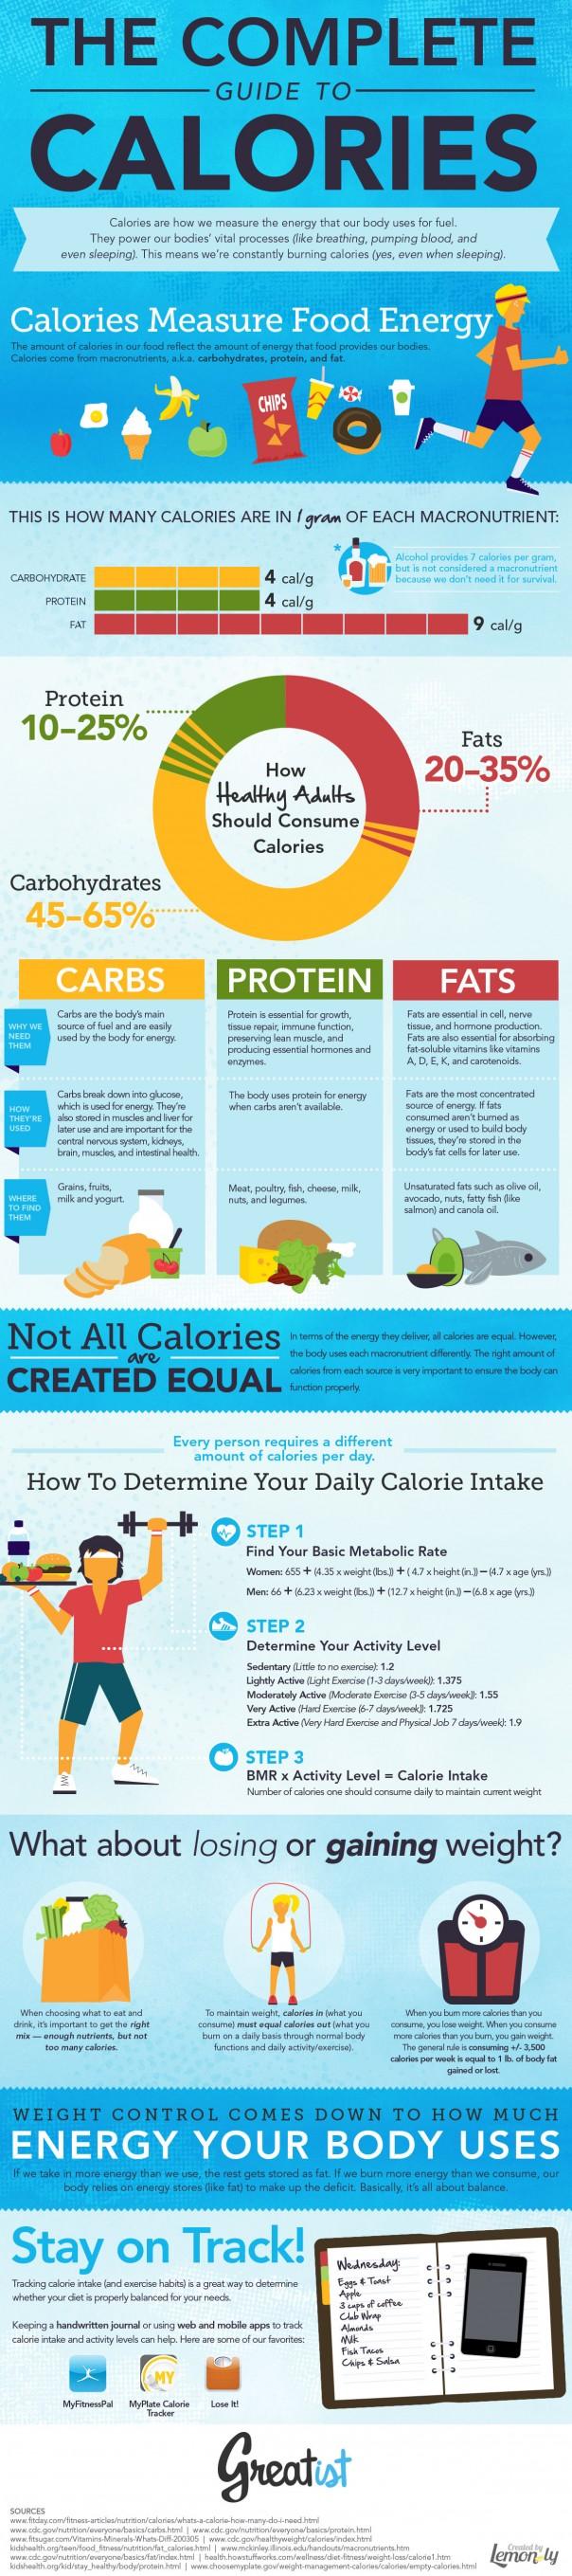 understanding-calories-infographic.jpg